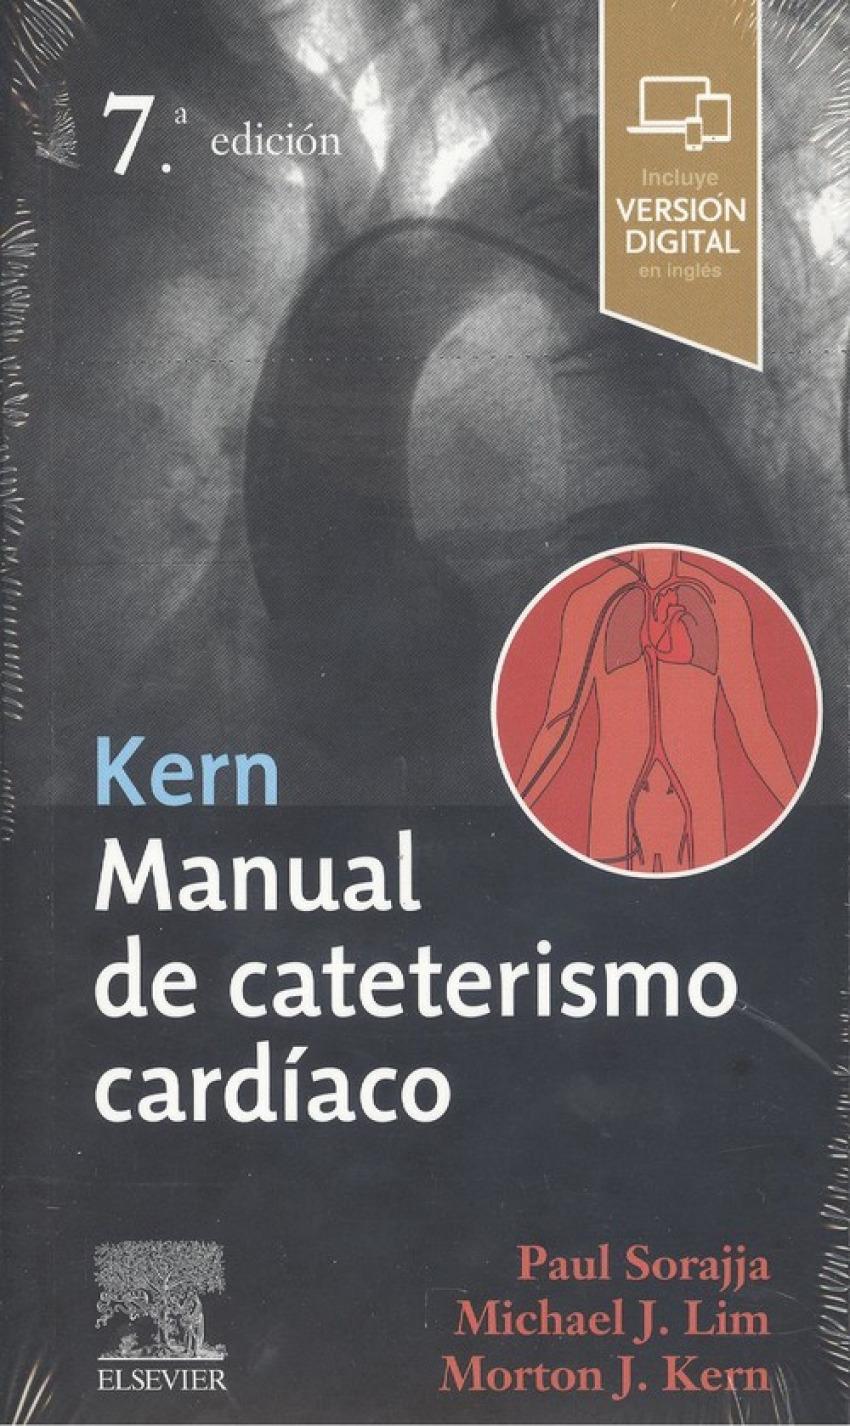 kern. Manual de cateterismo cardíaco. 7ª Edición